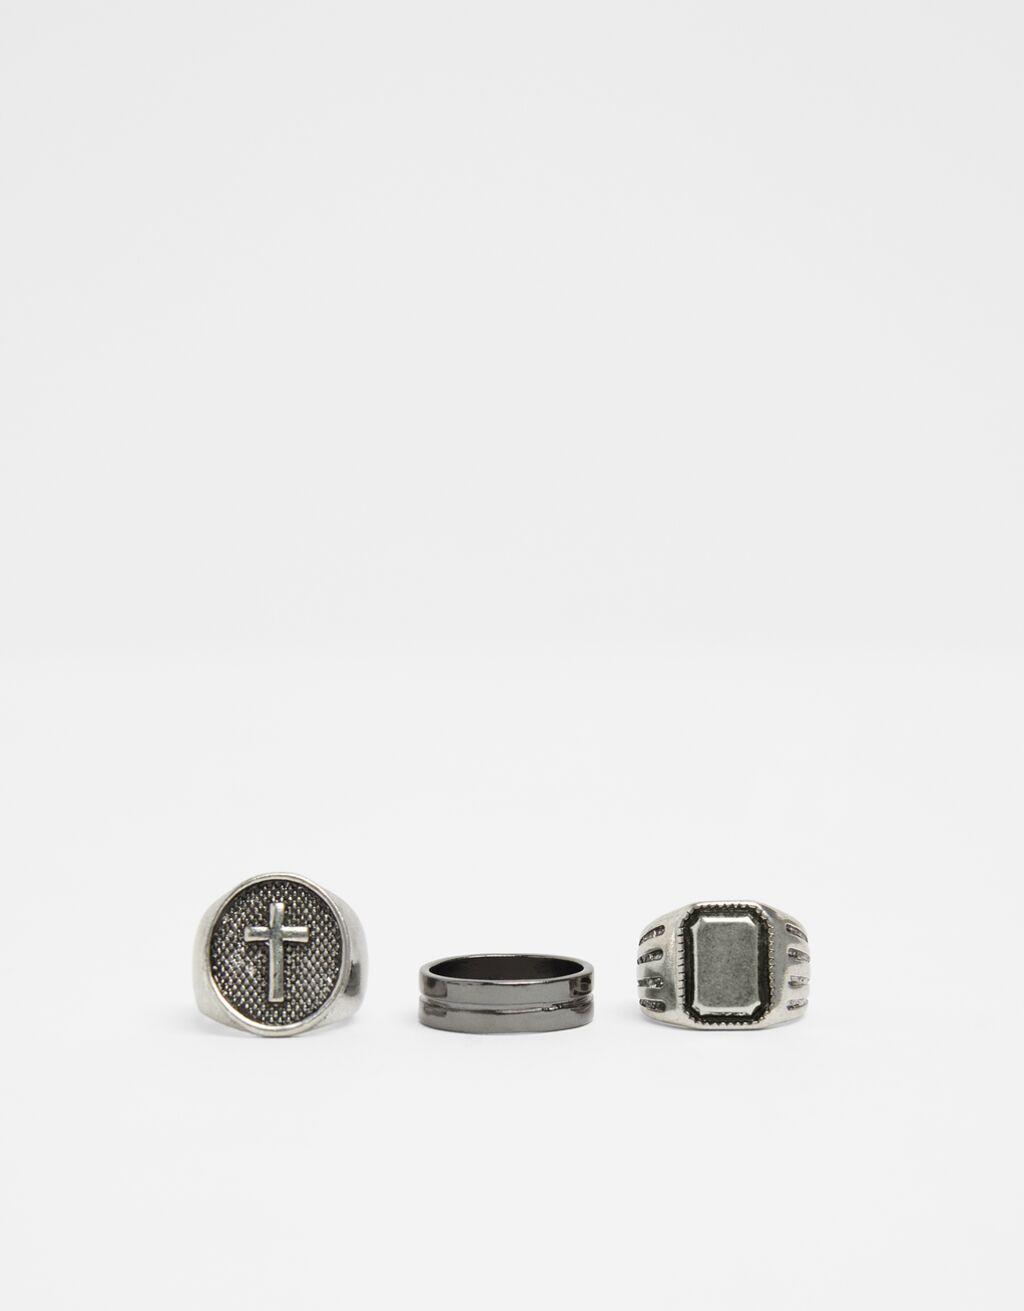 Set of signet rings